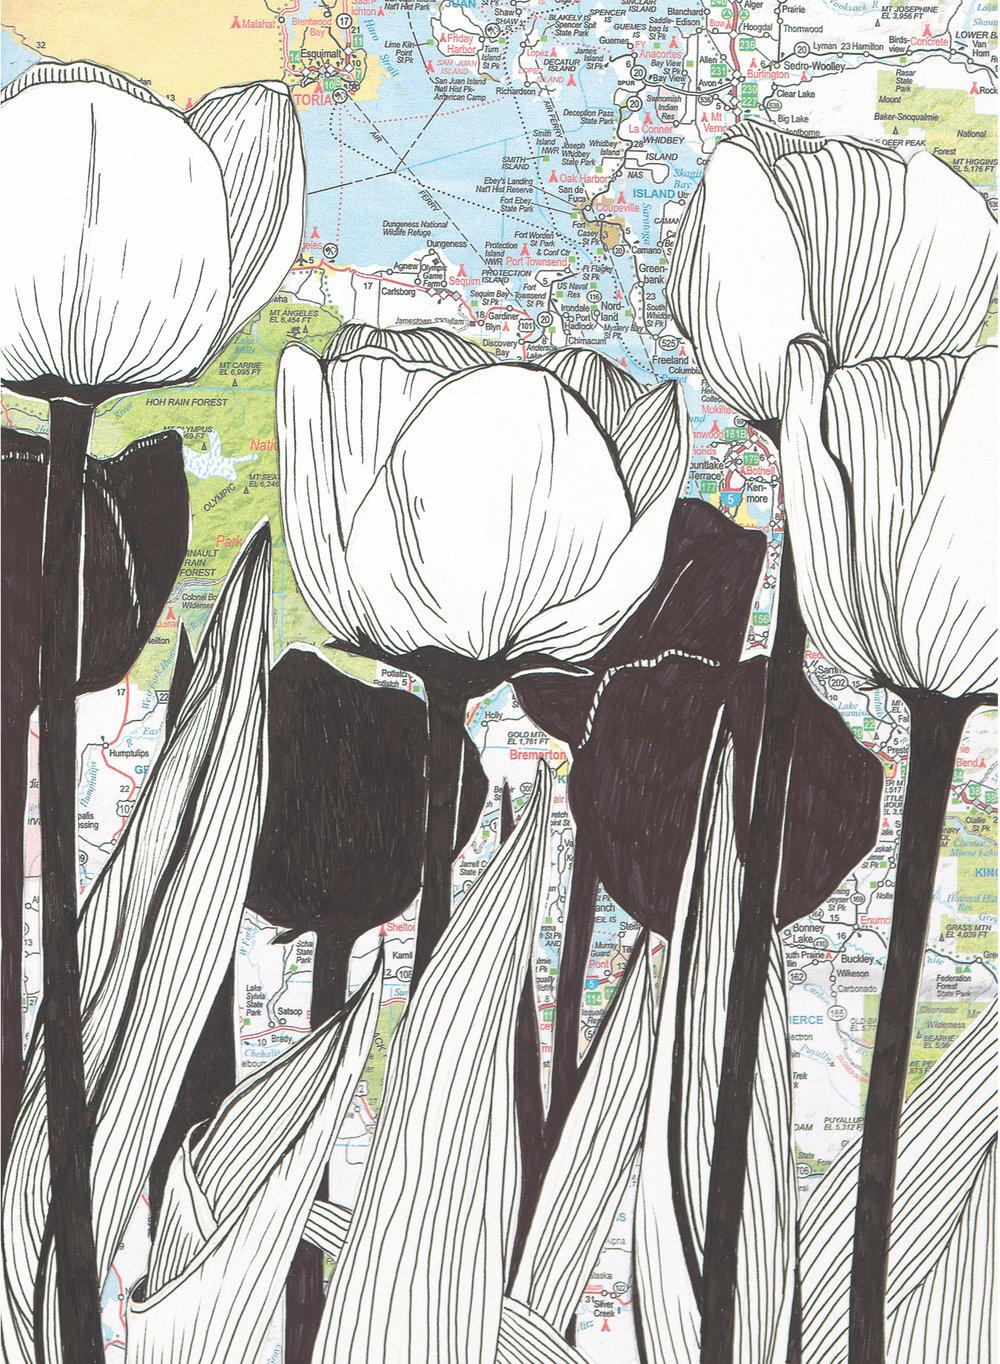 NW Tulips